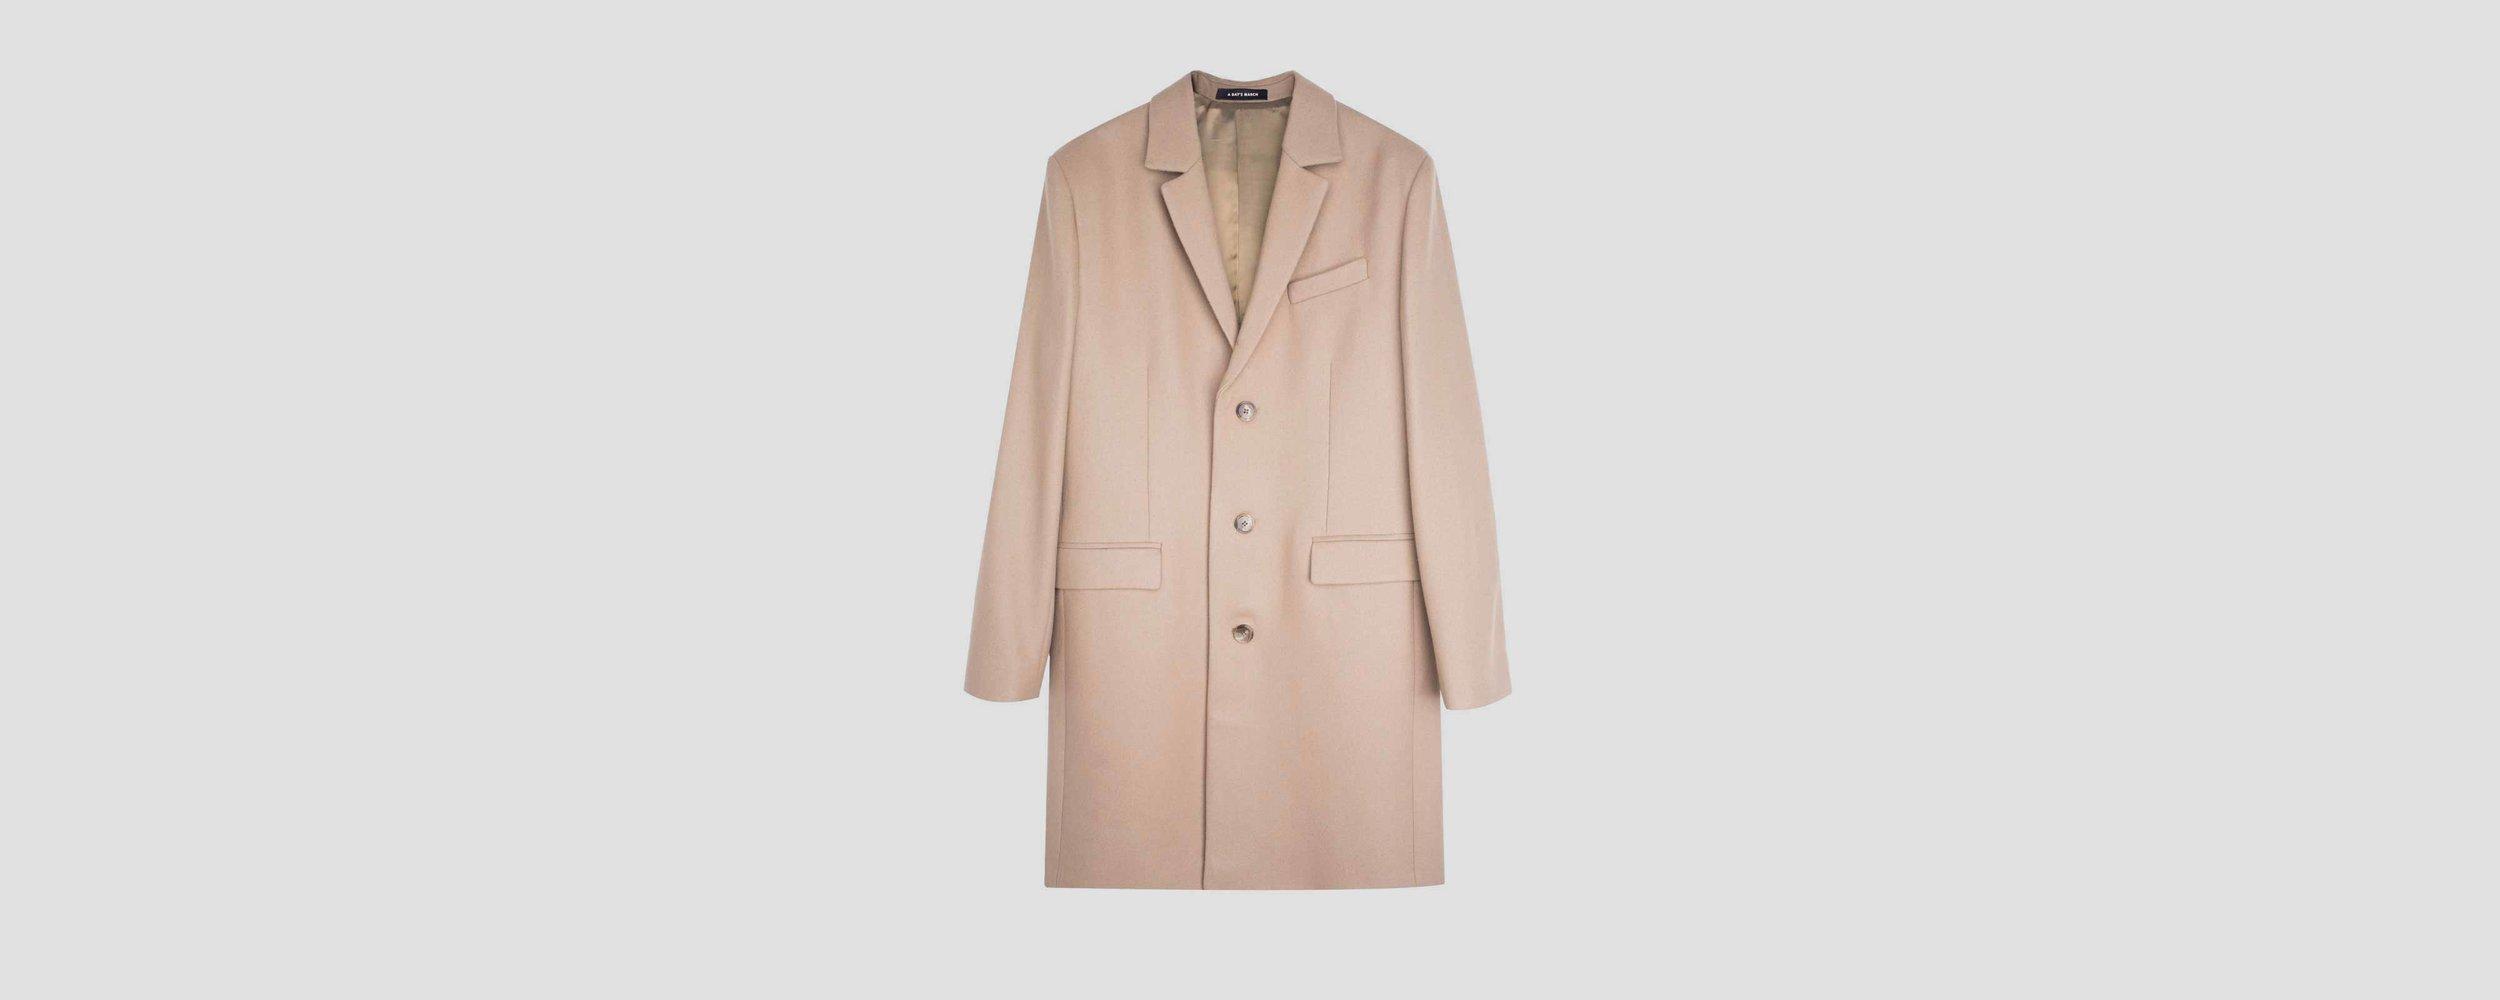 Light Camel Overcoat